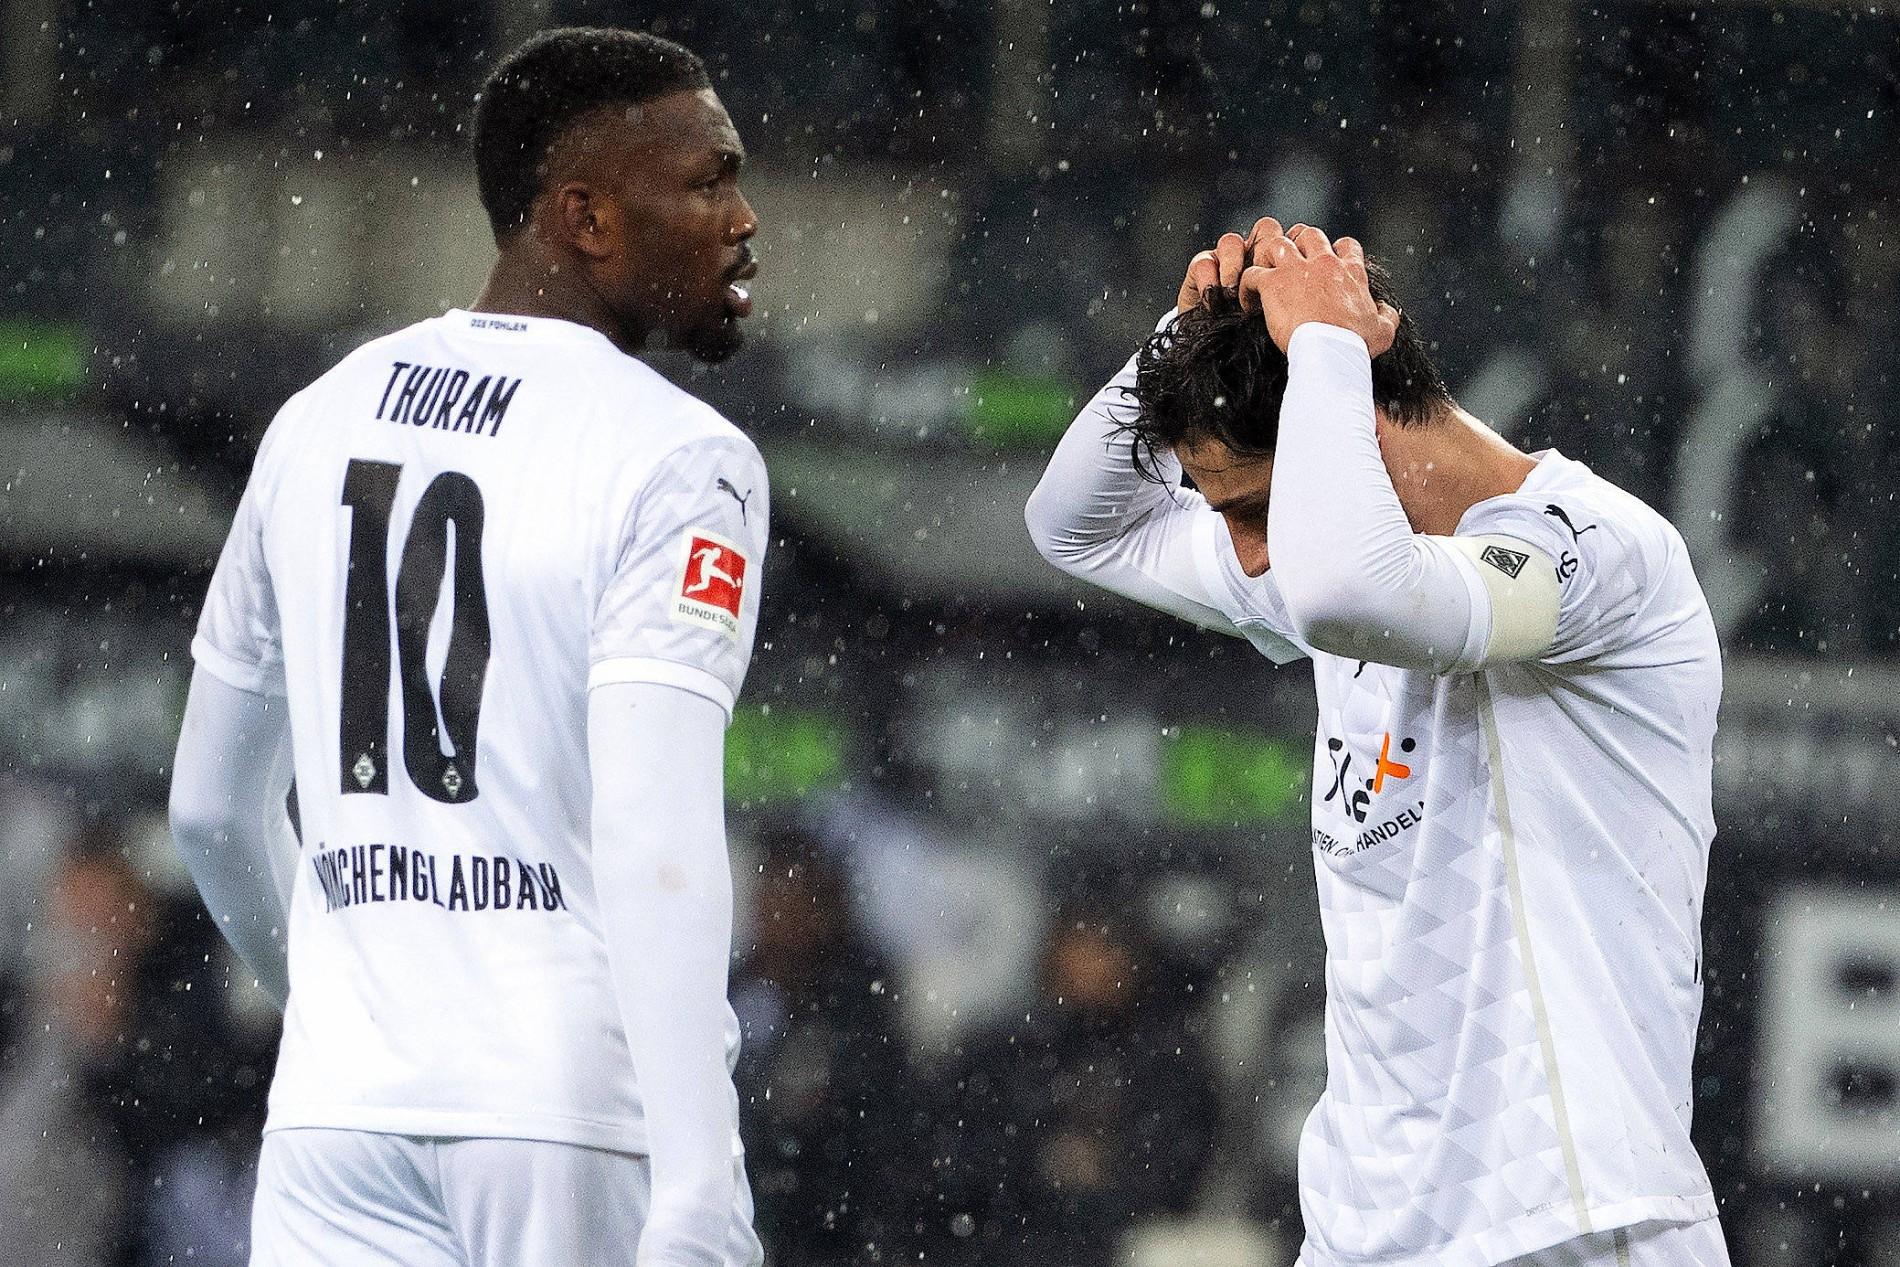 gladbach verliert rhein derby in